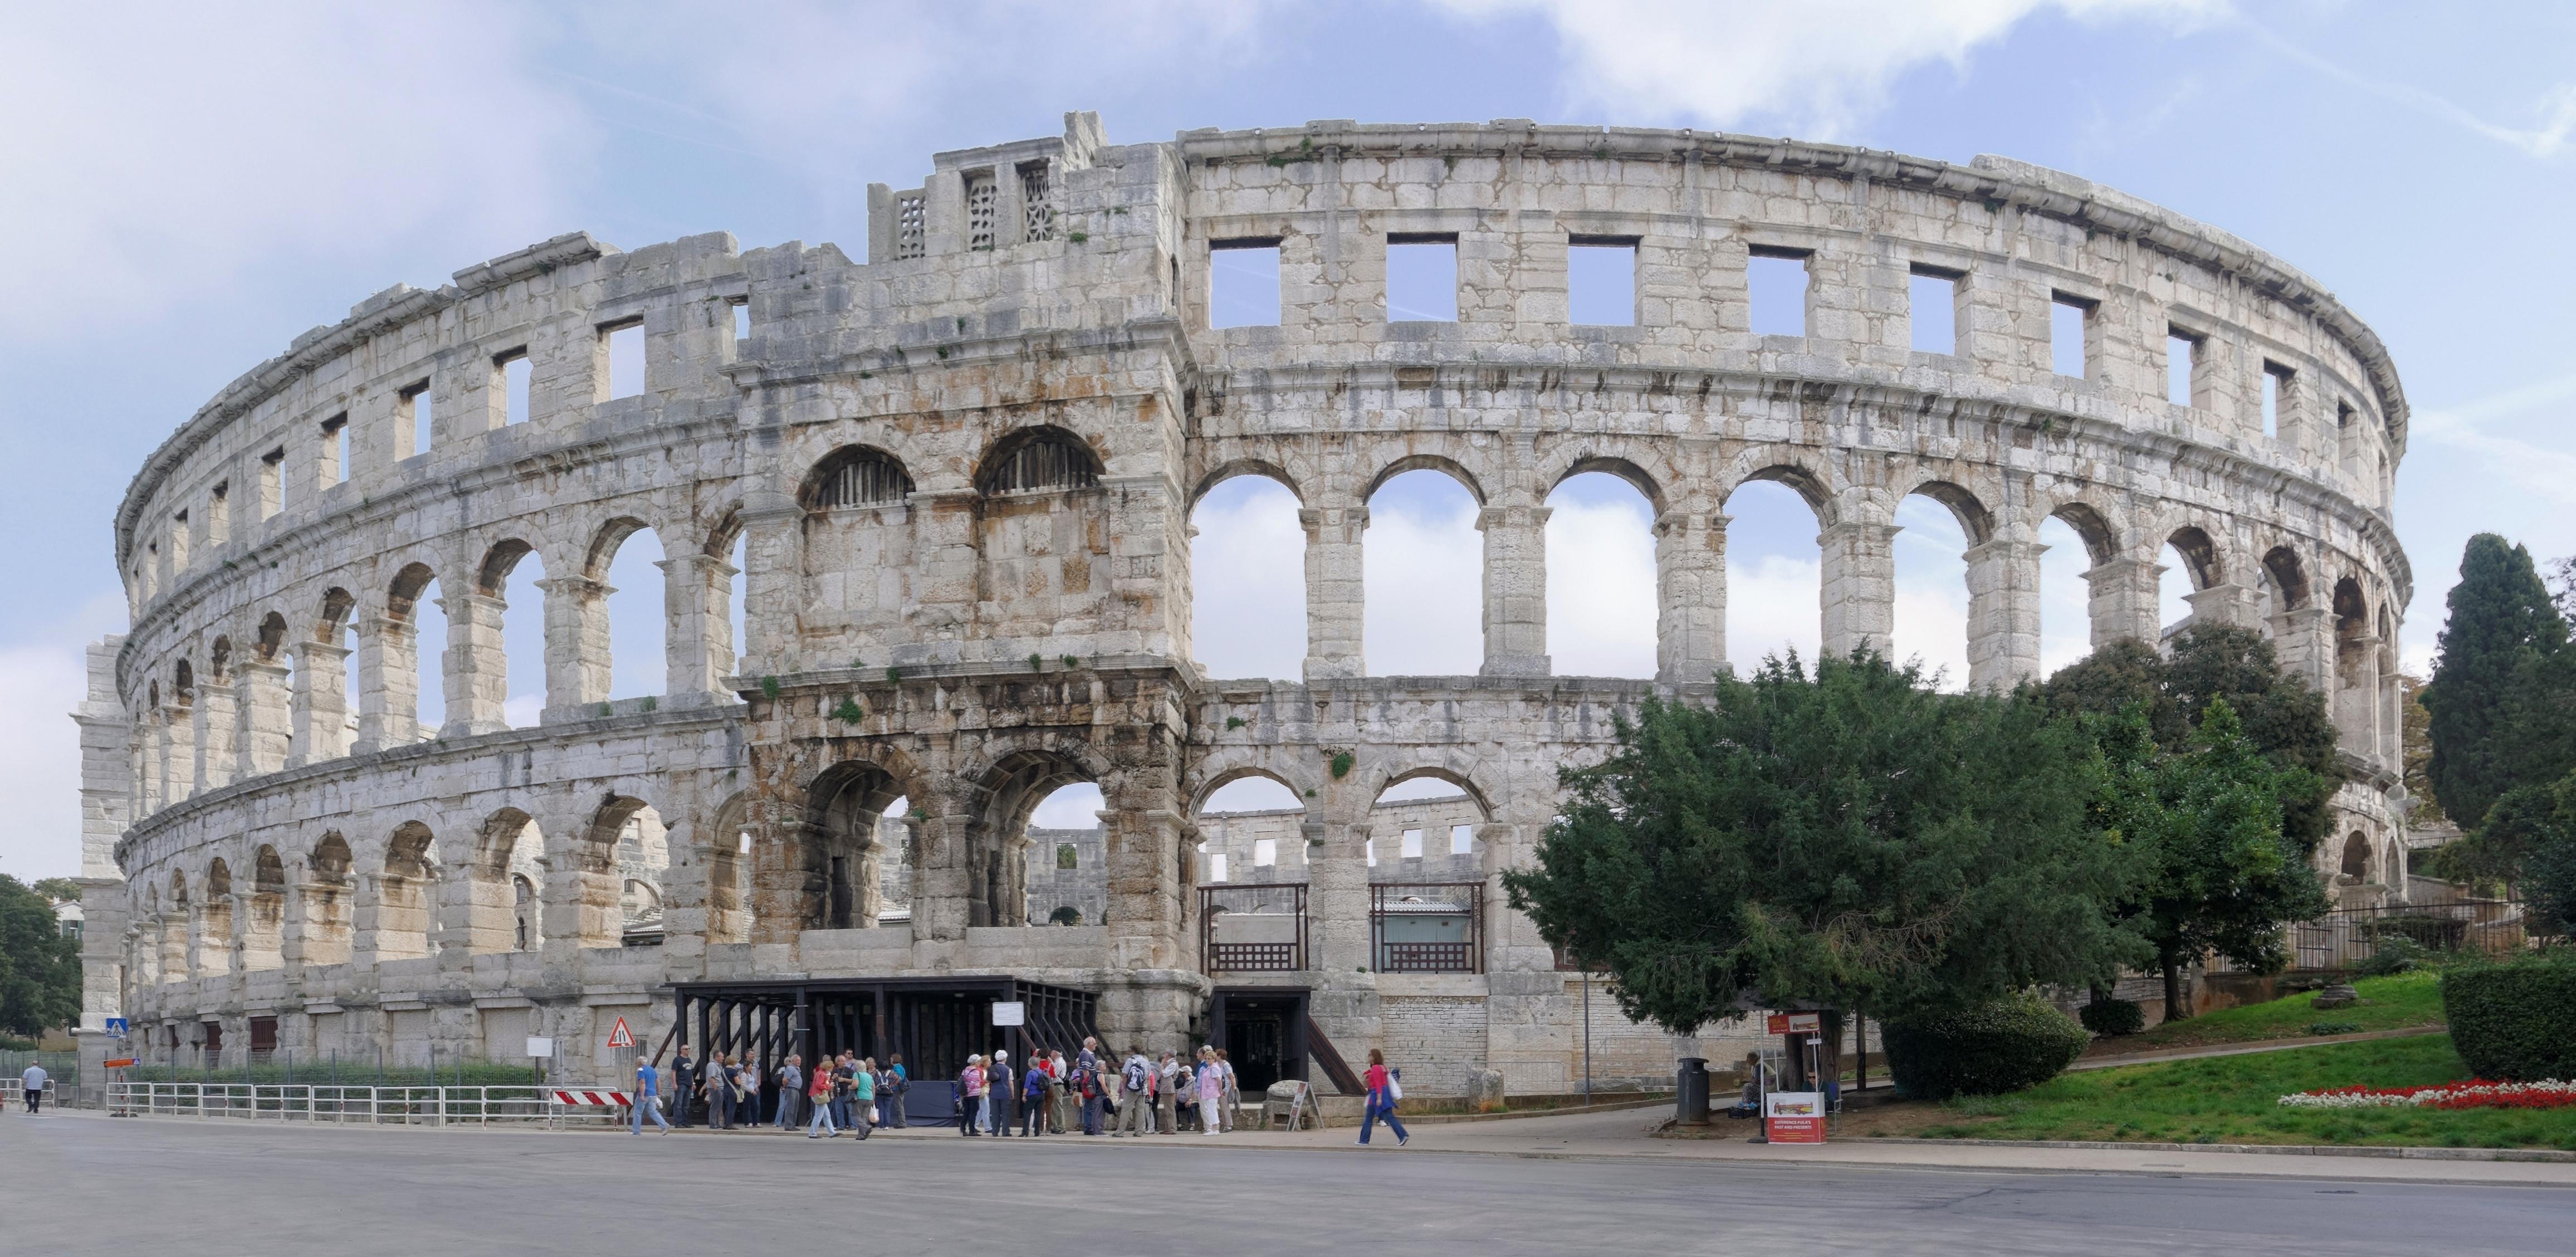 Le 10 migliori attrazioni turistiche in Croazia